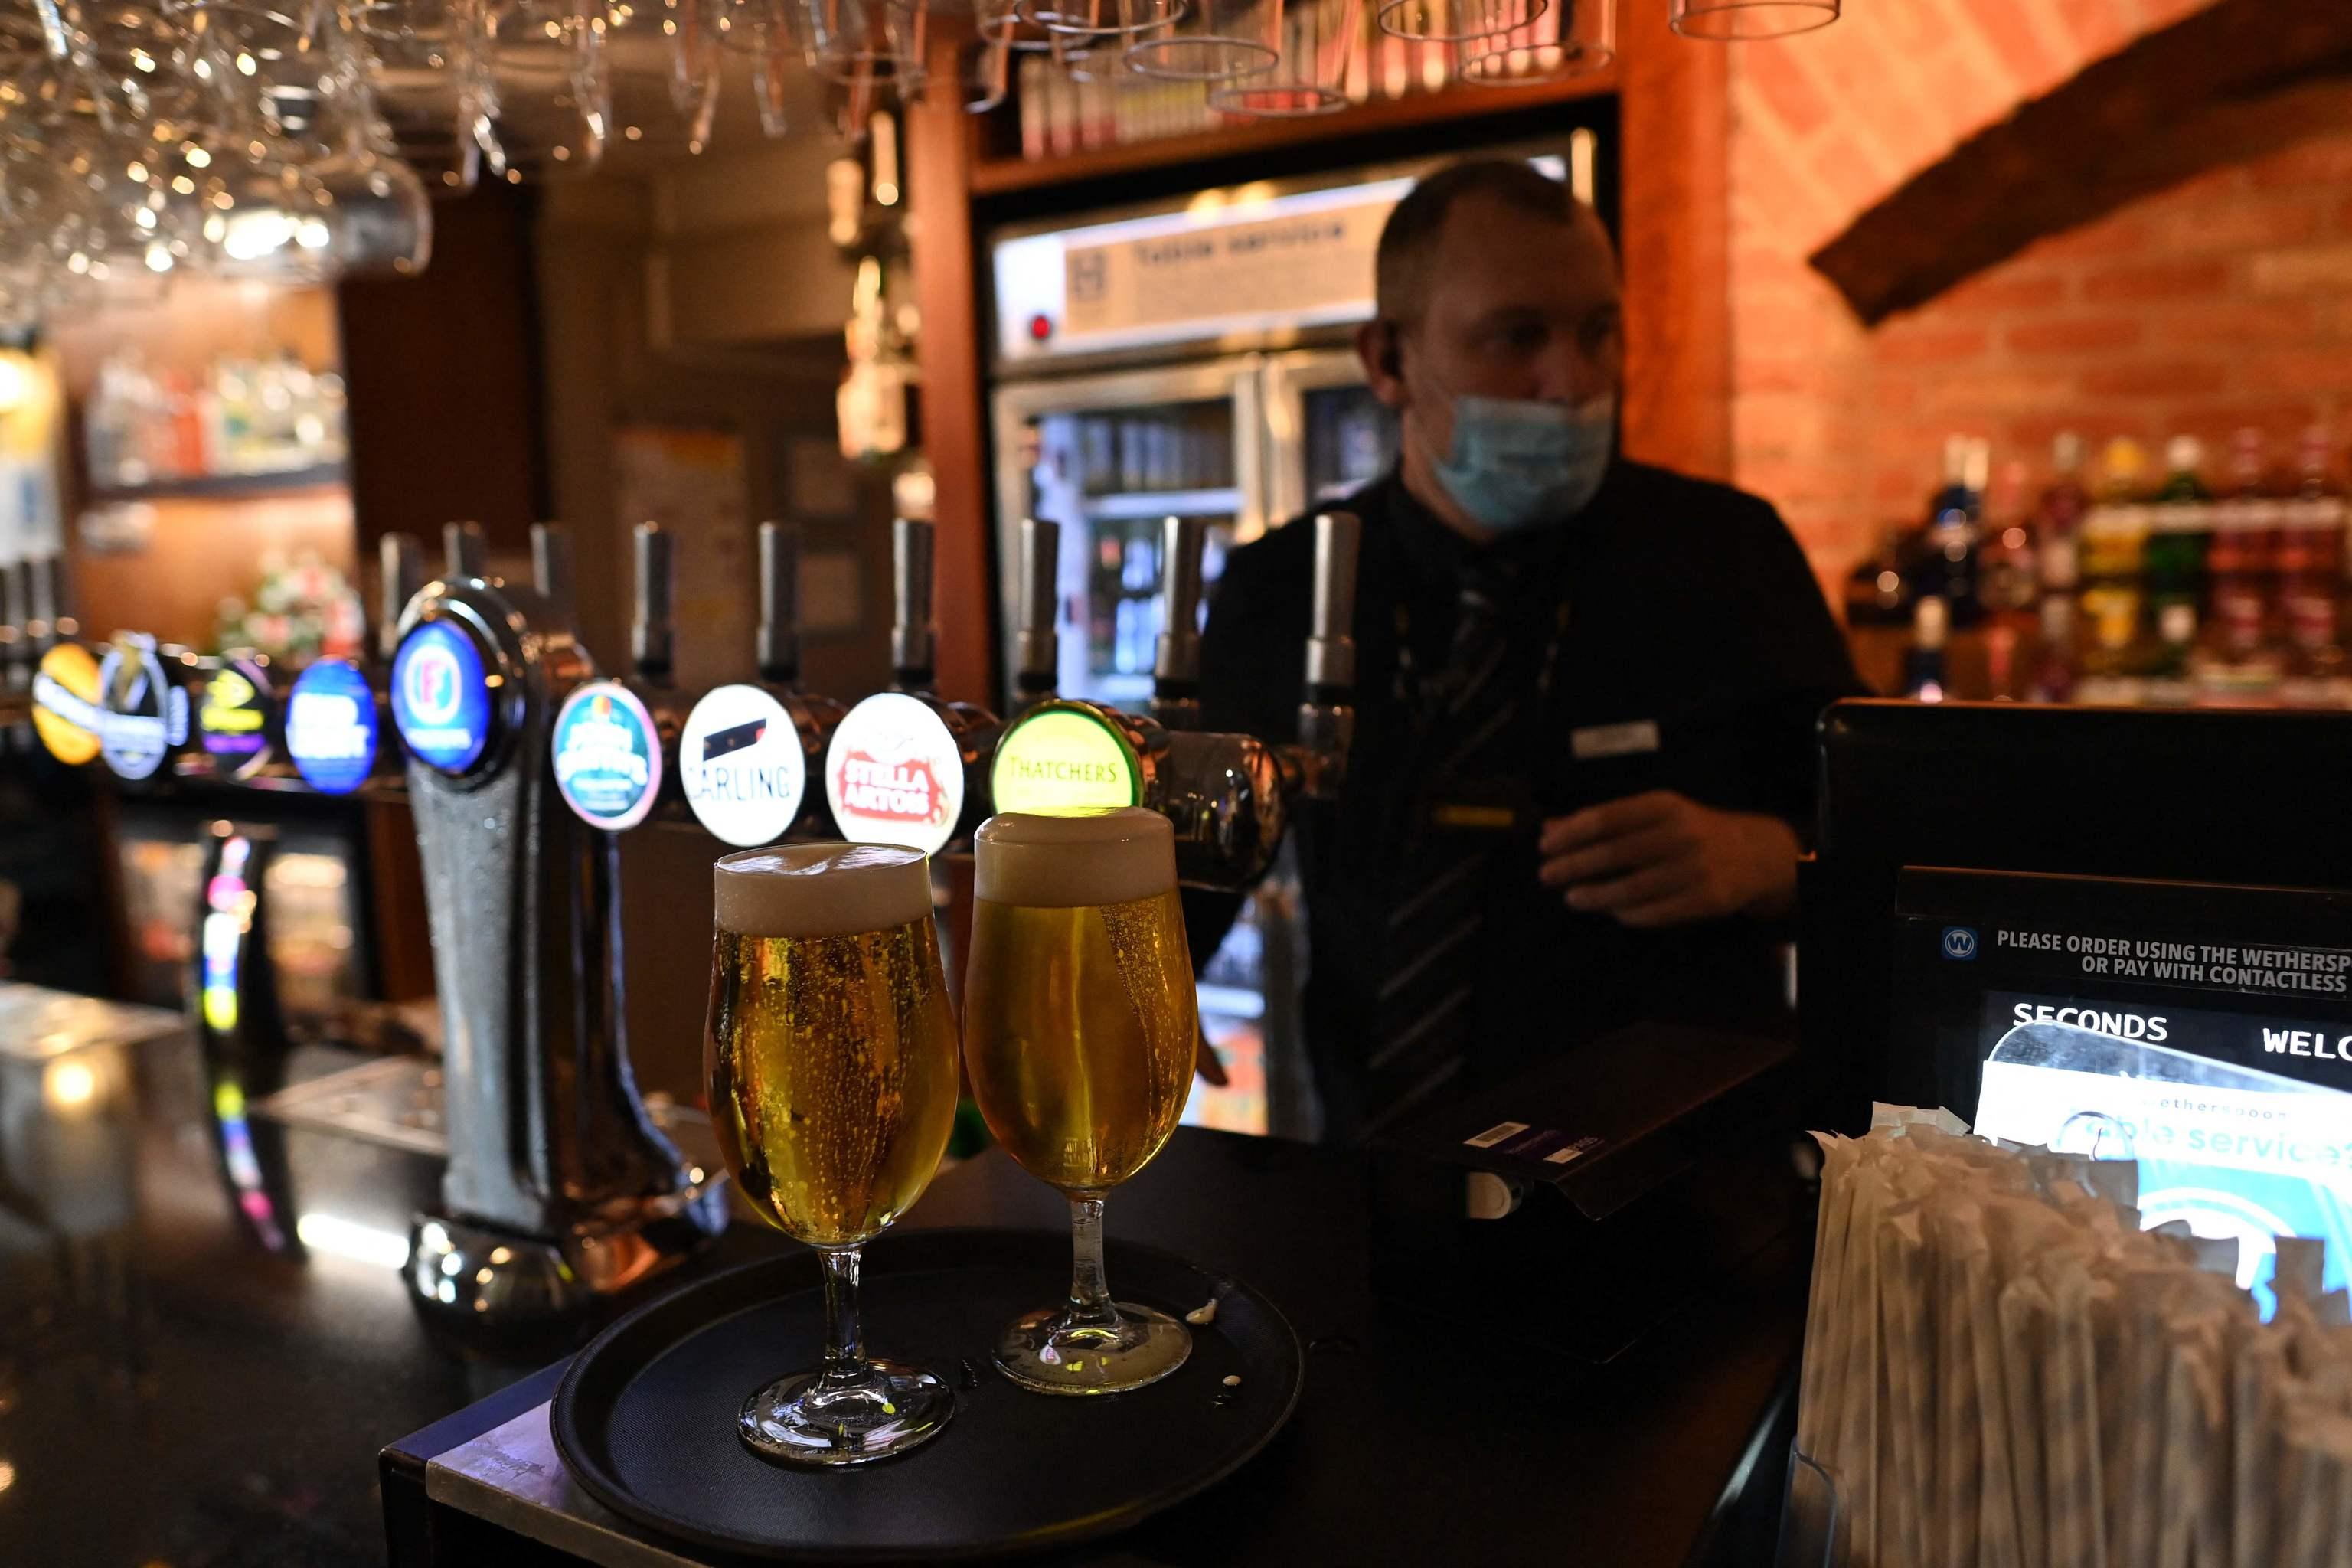 Un camarero prepara un pedido de bebidas.